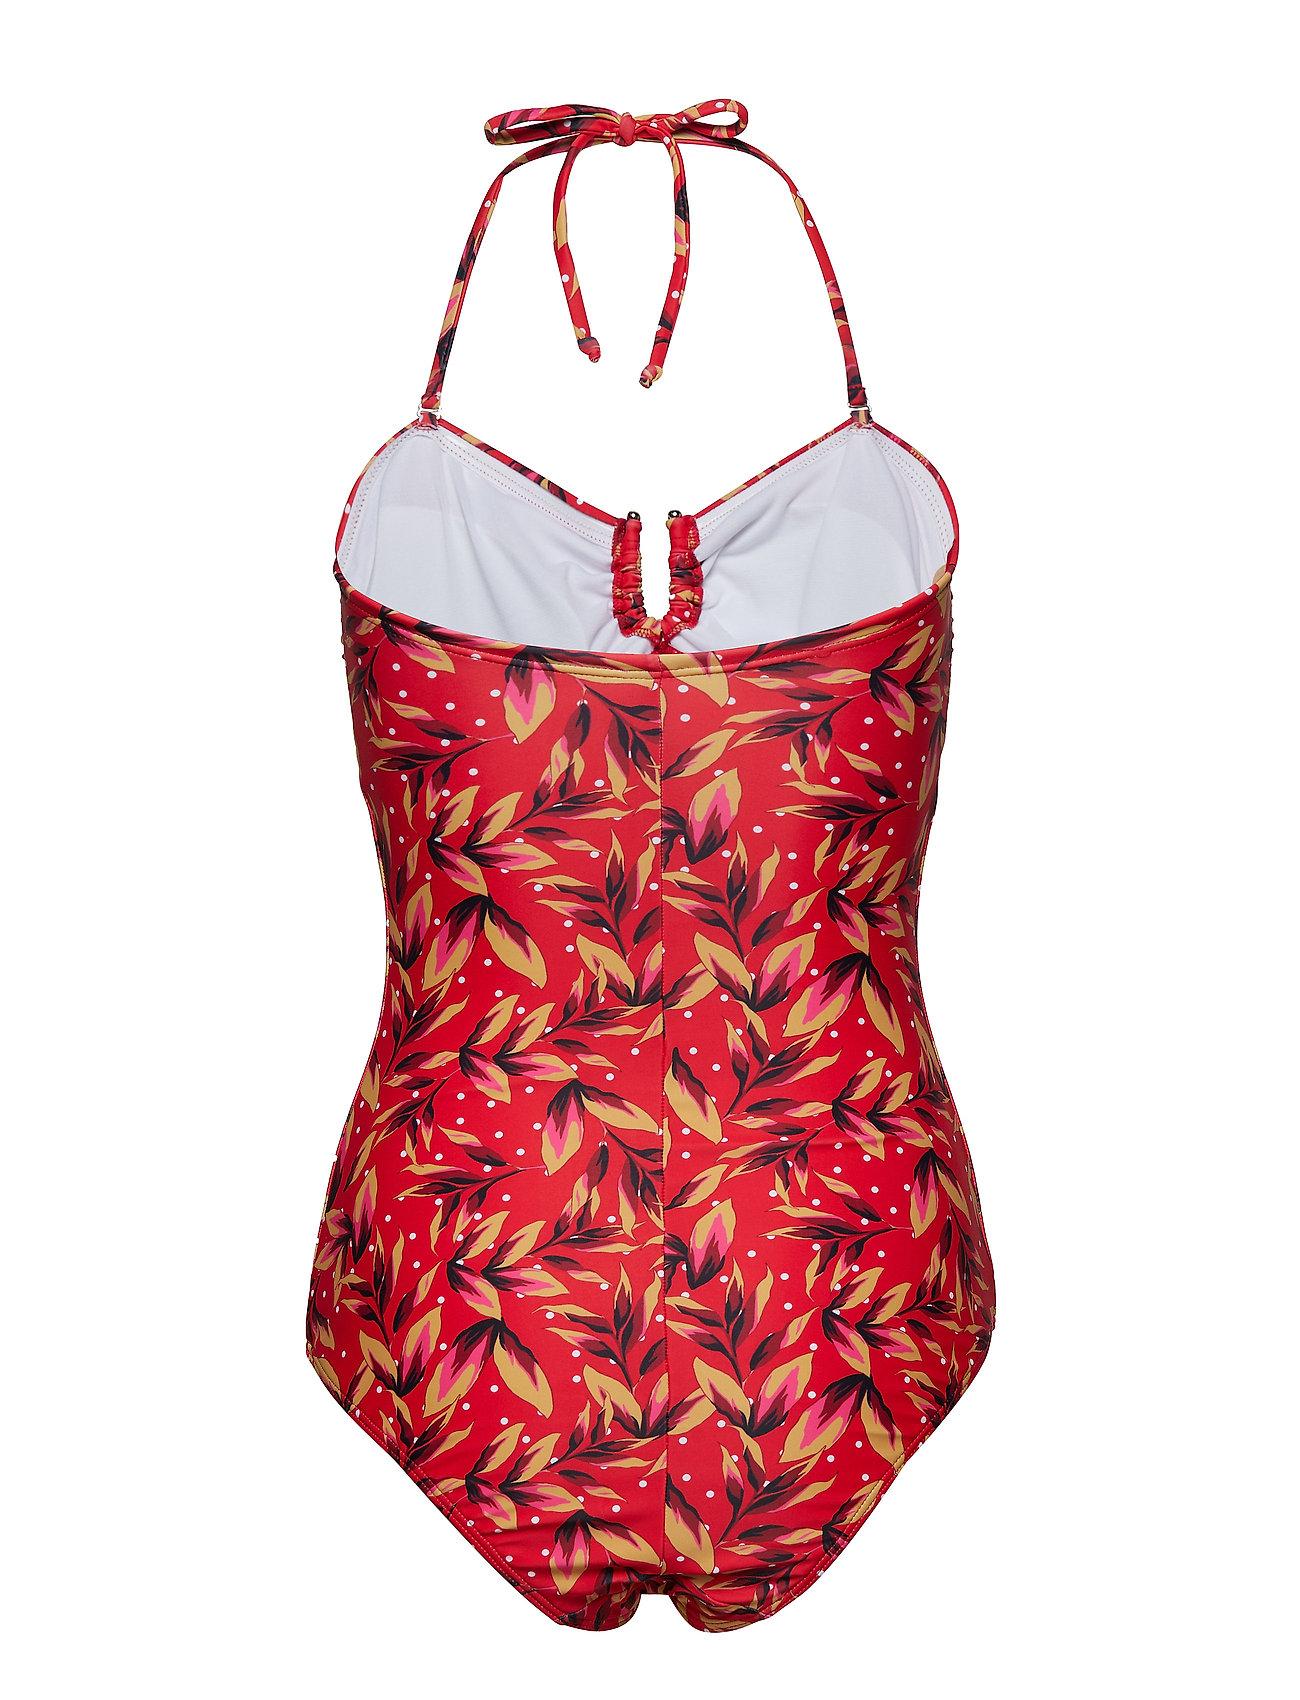 Swimsuit Swimsuit Bred Bred Kellygz Bred Kellygz Kellygz Swimsuit FlowerGestuz FlowerGestuz FlowerGestuz Kellygz LVGqSpjMUz